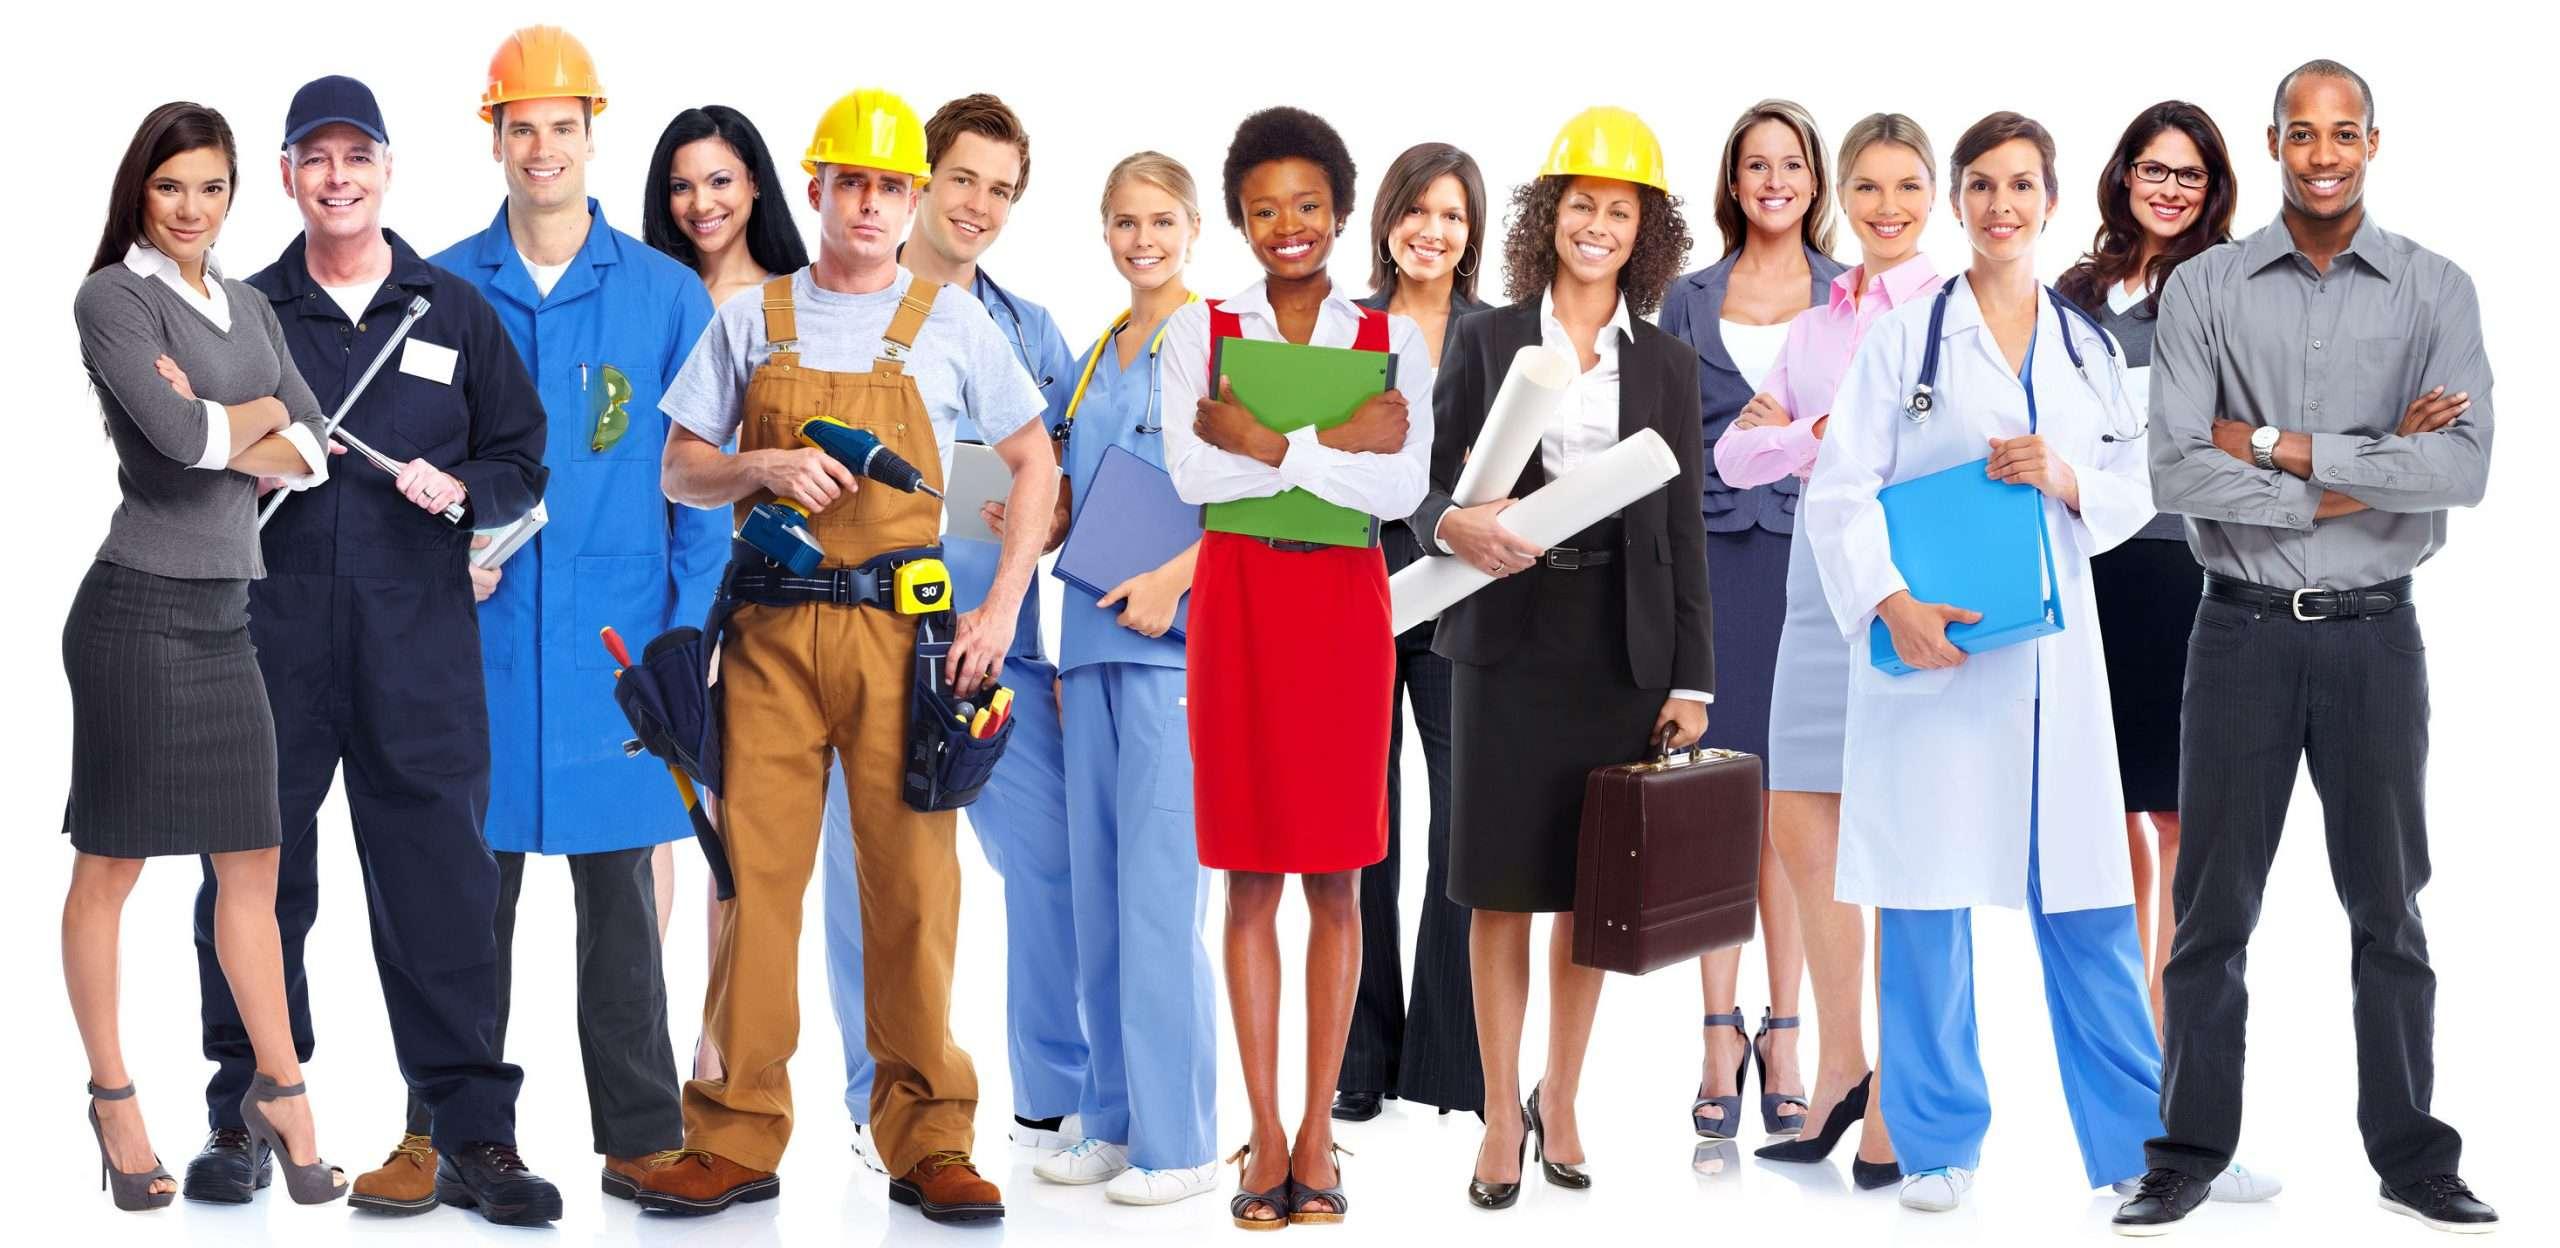 office worker, electrician, doctor, construction worker, surgeon, nurse, teacher, solicitors, surveyor, nhs worker, IT contractor